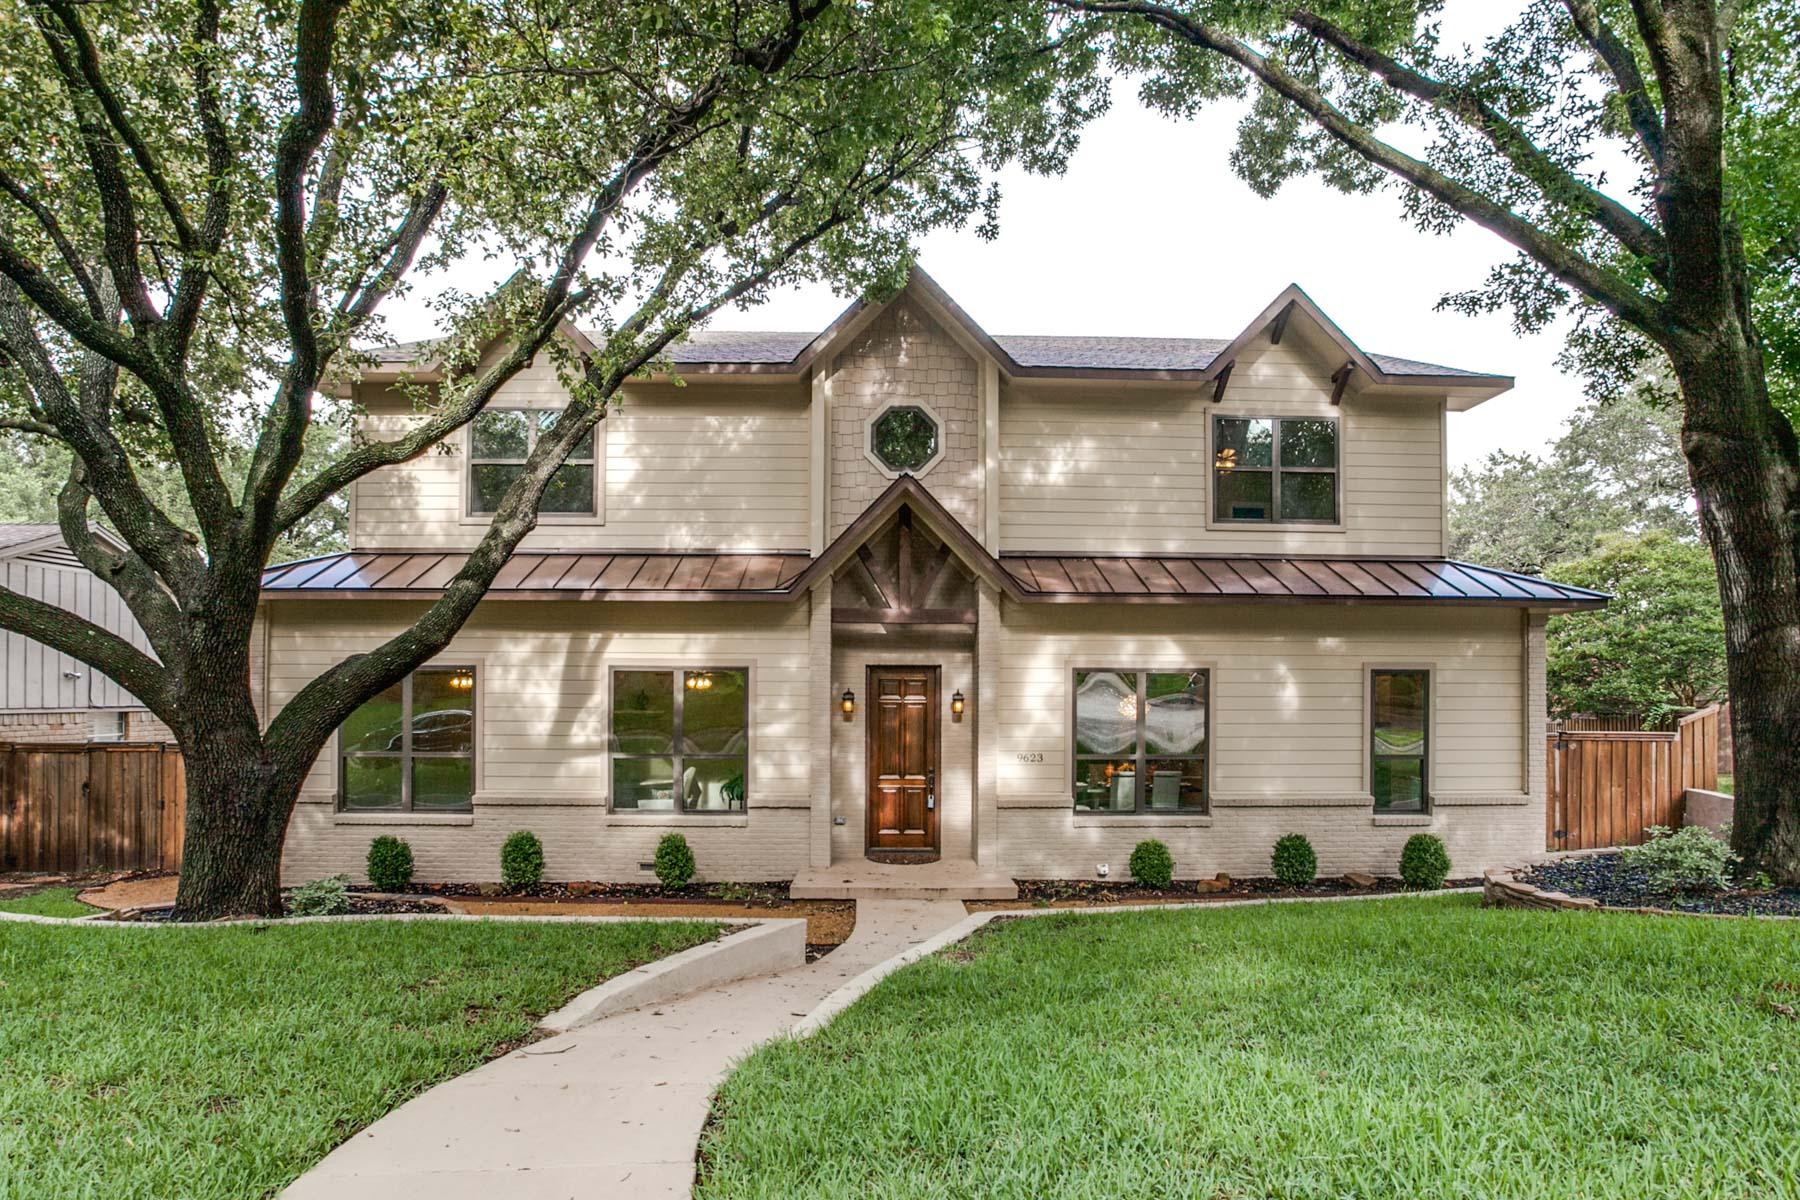 Villa per Vendita alle ore Fabulous Open Concept 9623 Mossridge Dr Dallas, Texas, 75238 Stati Uniti